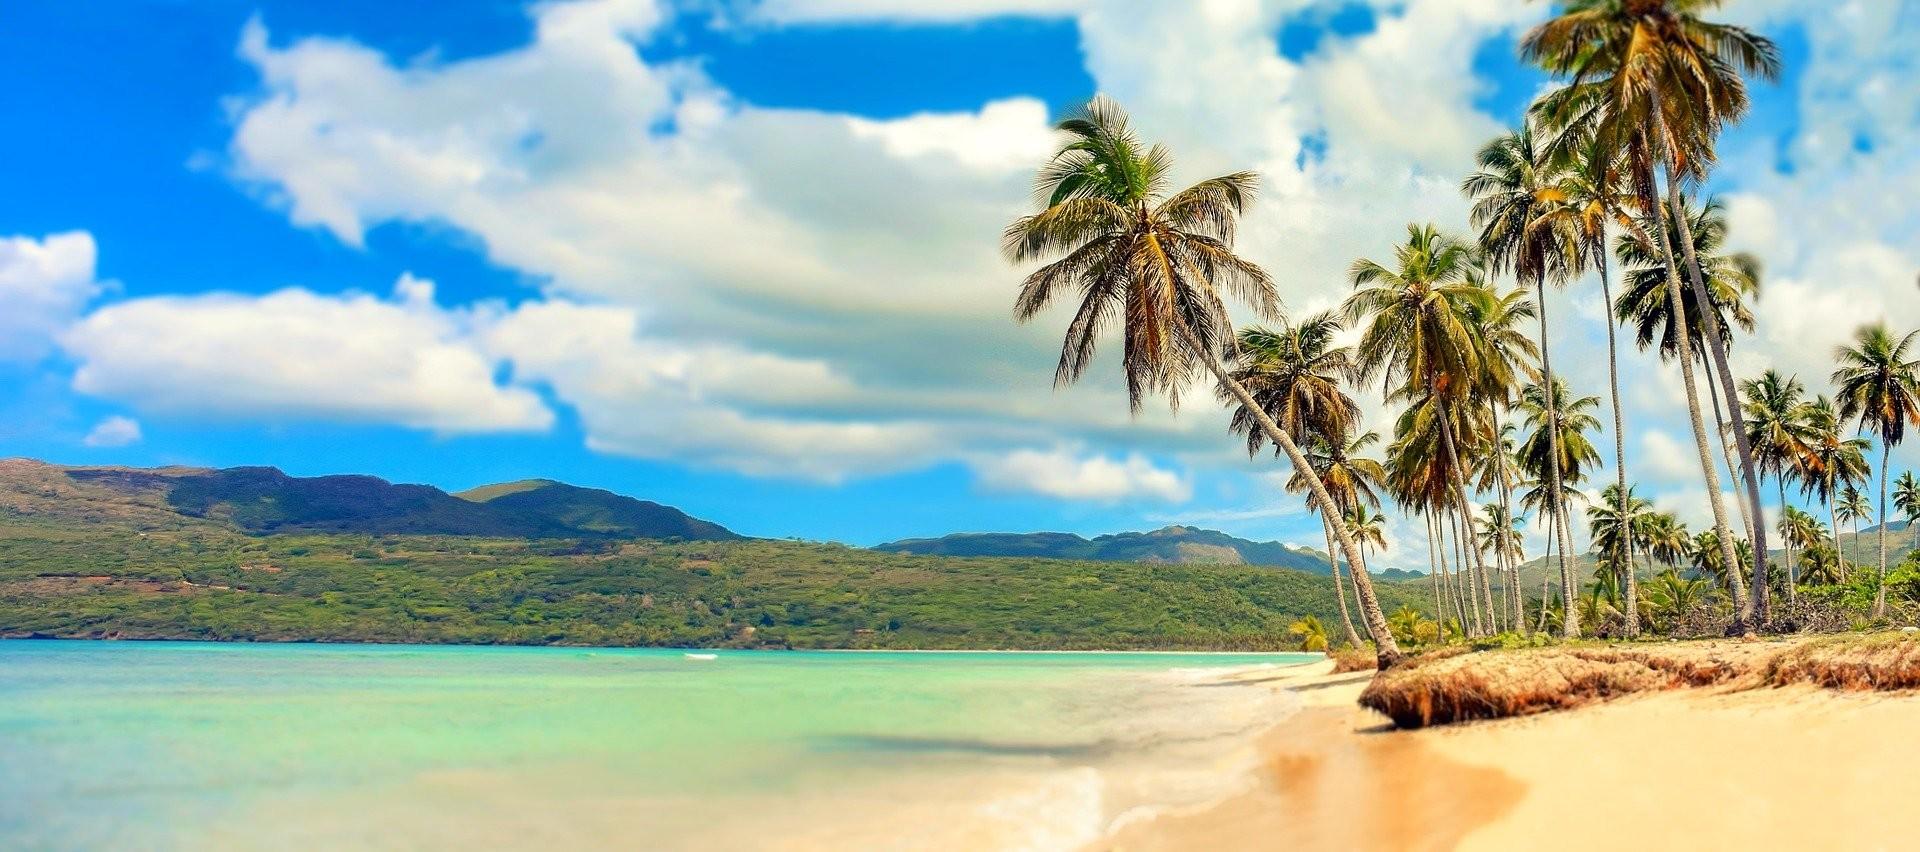 news-main-republique-dominicaine-le-ticket-sera-obligatoire-pour-tous-les-voyageurs-entrant-dans-le-pays-a-partir-du-1er-avril.1616426187.jpg